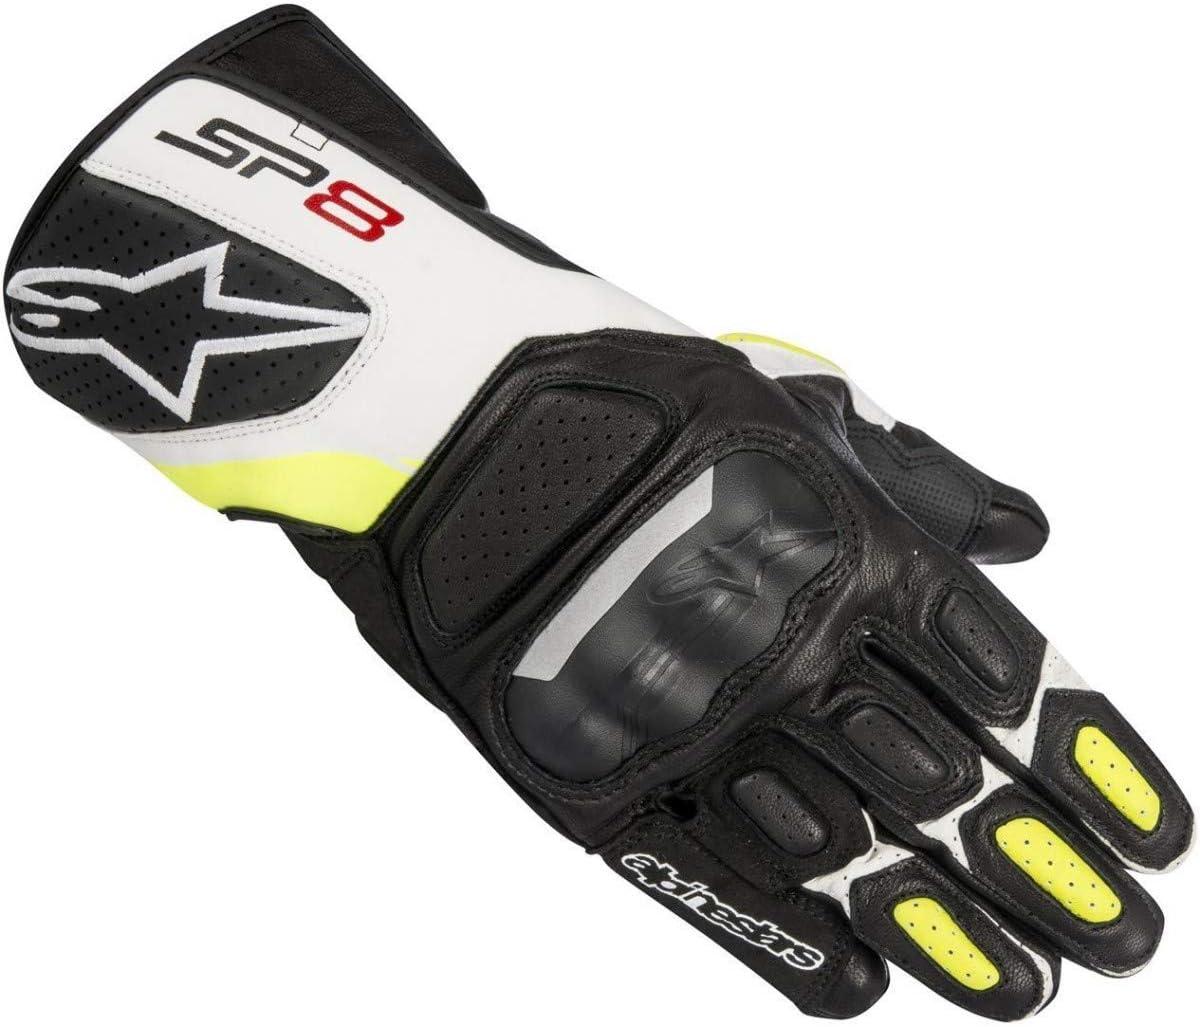 S Alpinestars Gants moto Sp-8 V2 Gloves Black White Yellow Fluo Noir//Blanc//Jaune